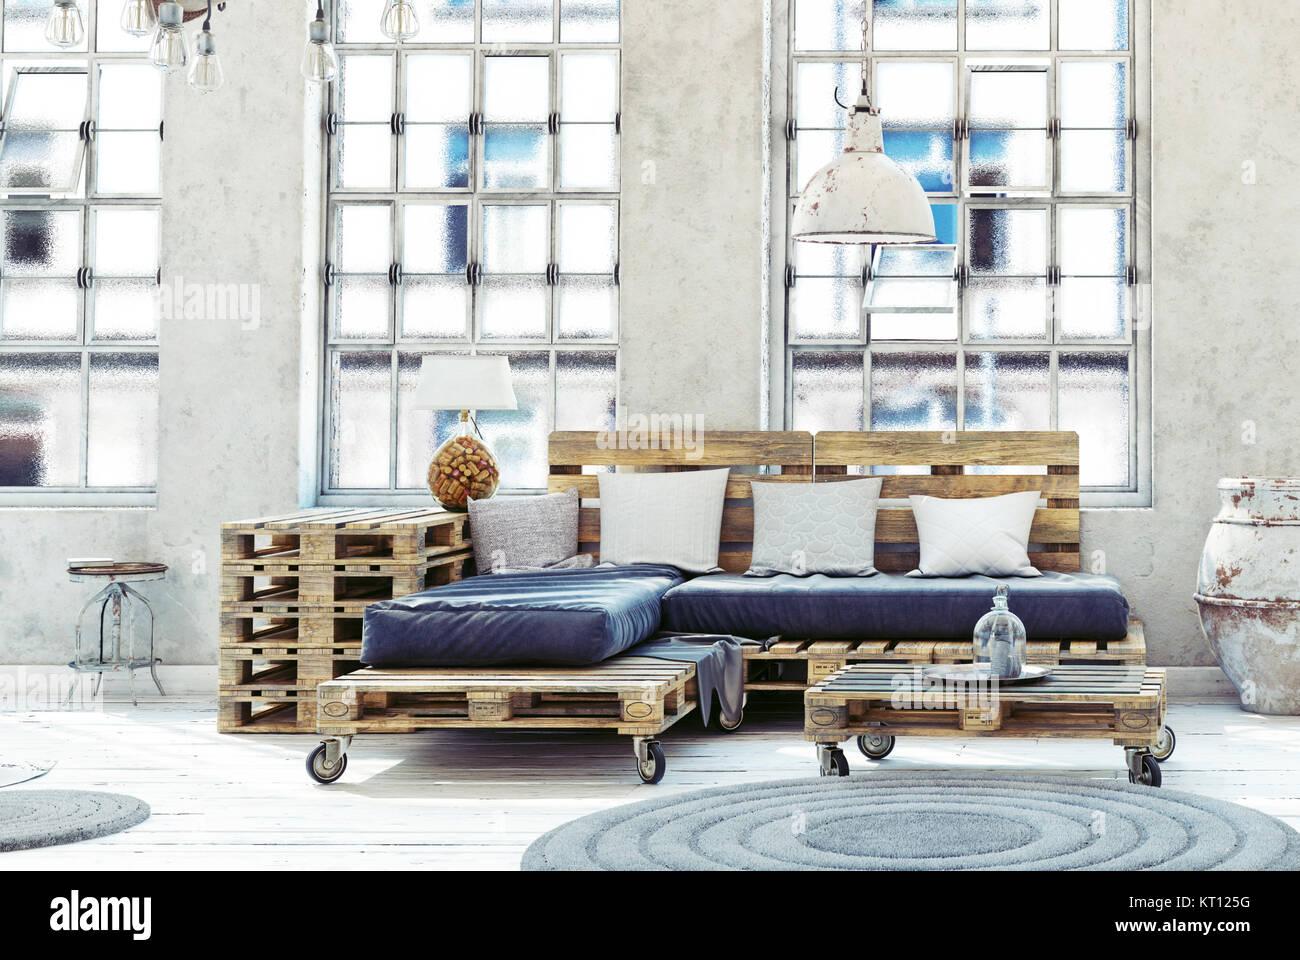 Dachgeschoss Wohnzimmer Eingerichtet. Paletten Möbel. 3D Darstellung